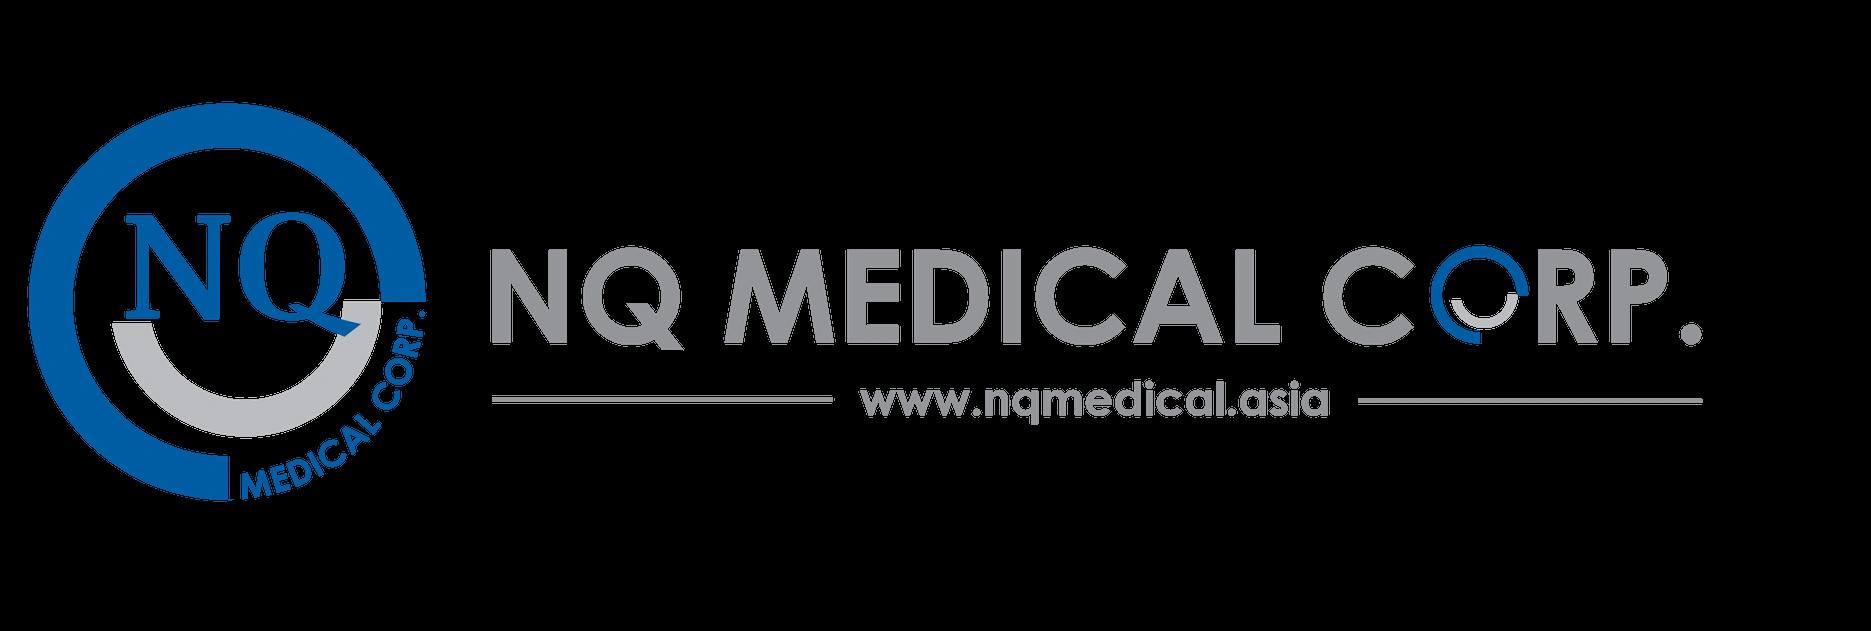 nqmedical